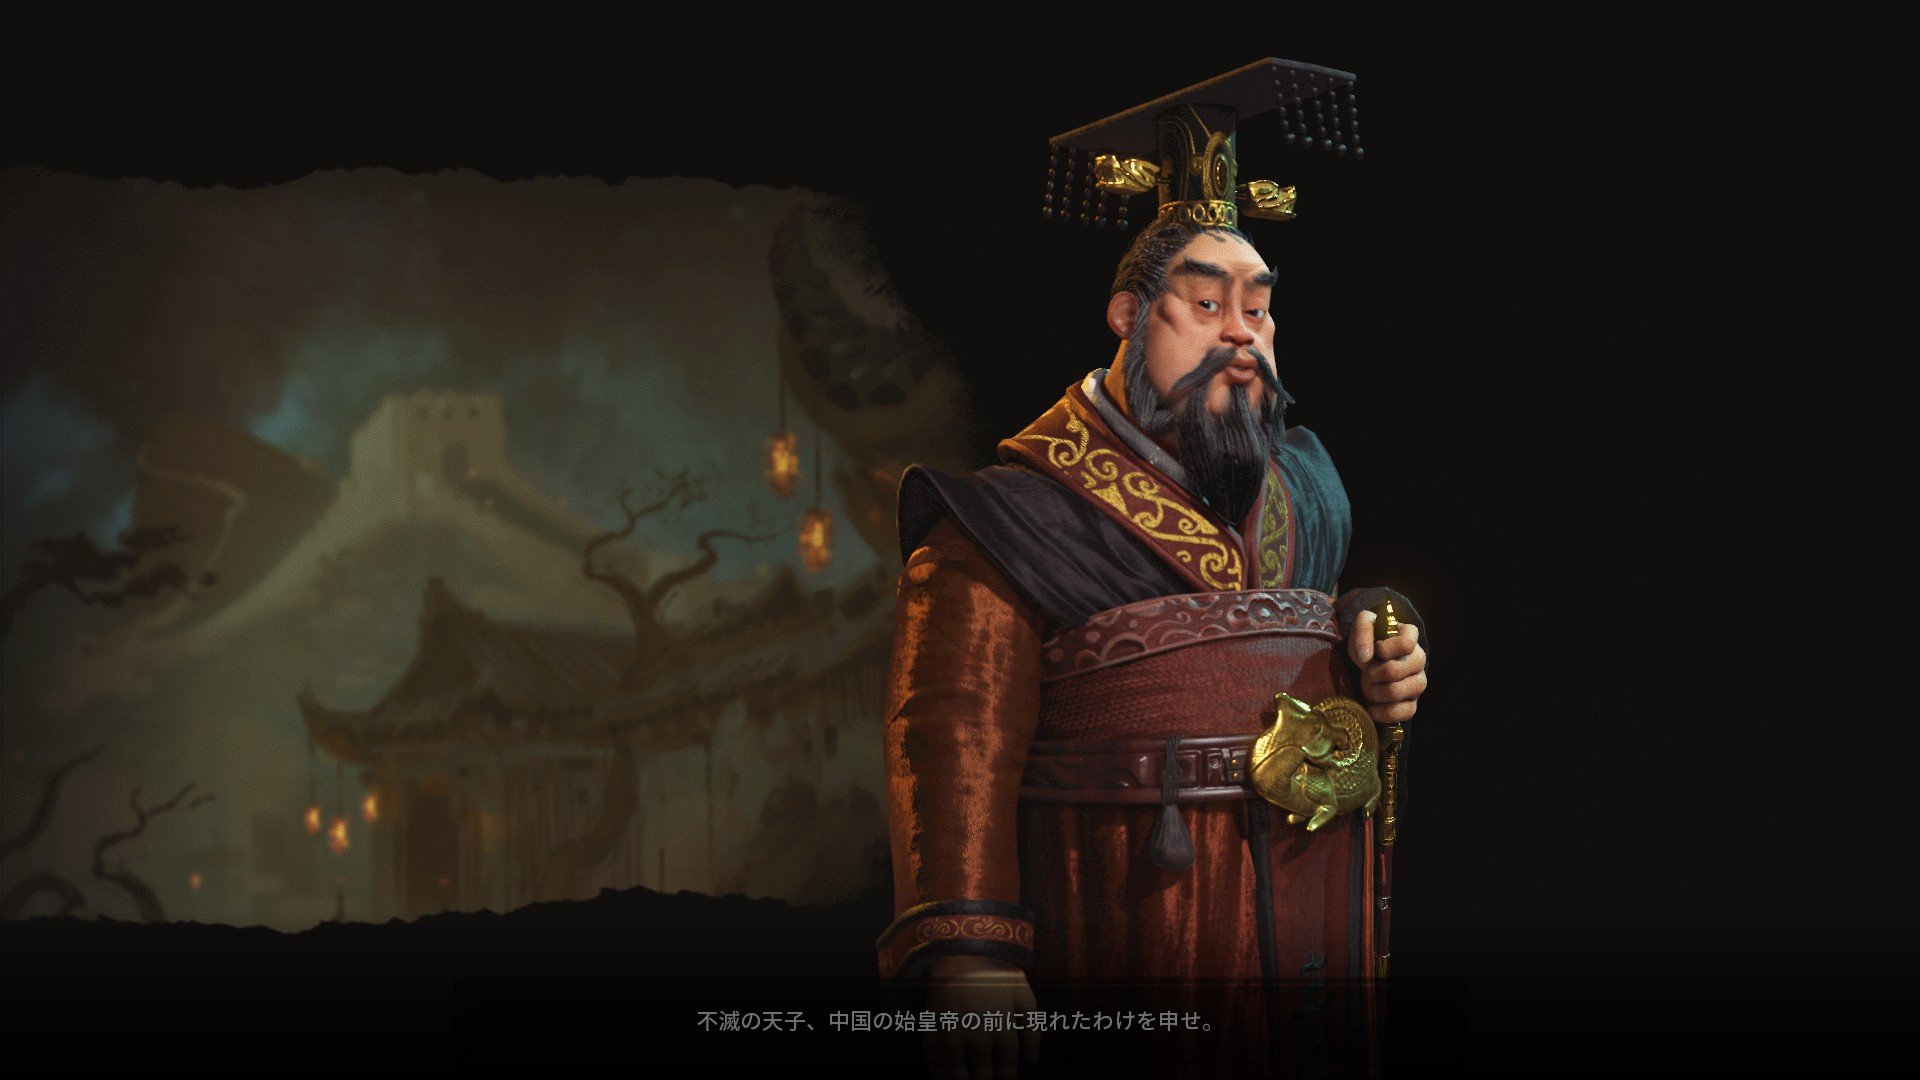 始皇帝さん遭遇.jpg